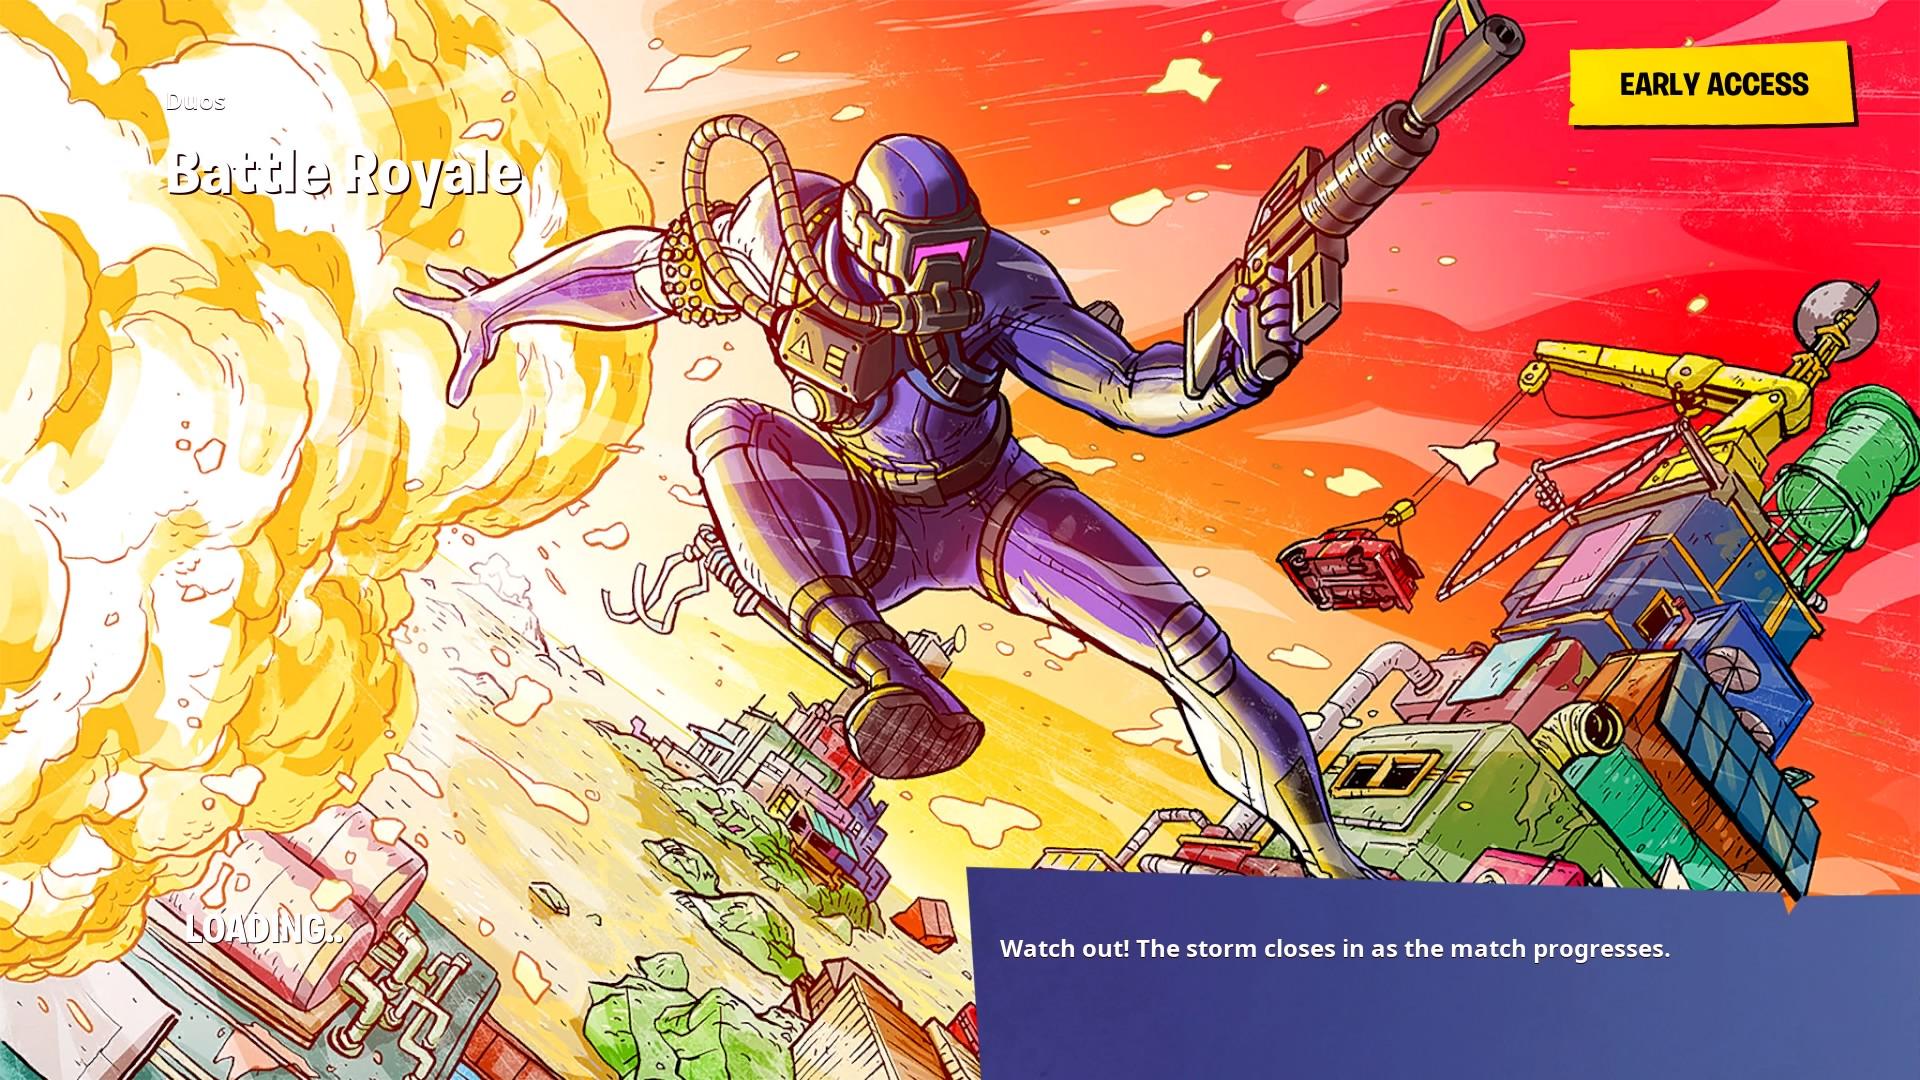 Fortnite Chapter 2 Season 3 Loading Screen Wallpaper Deep Fortnite Loading Screen 1920x1080 Download Hd Wallpaper Wallpapertip